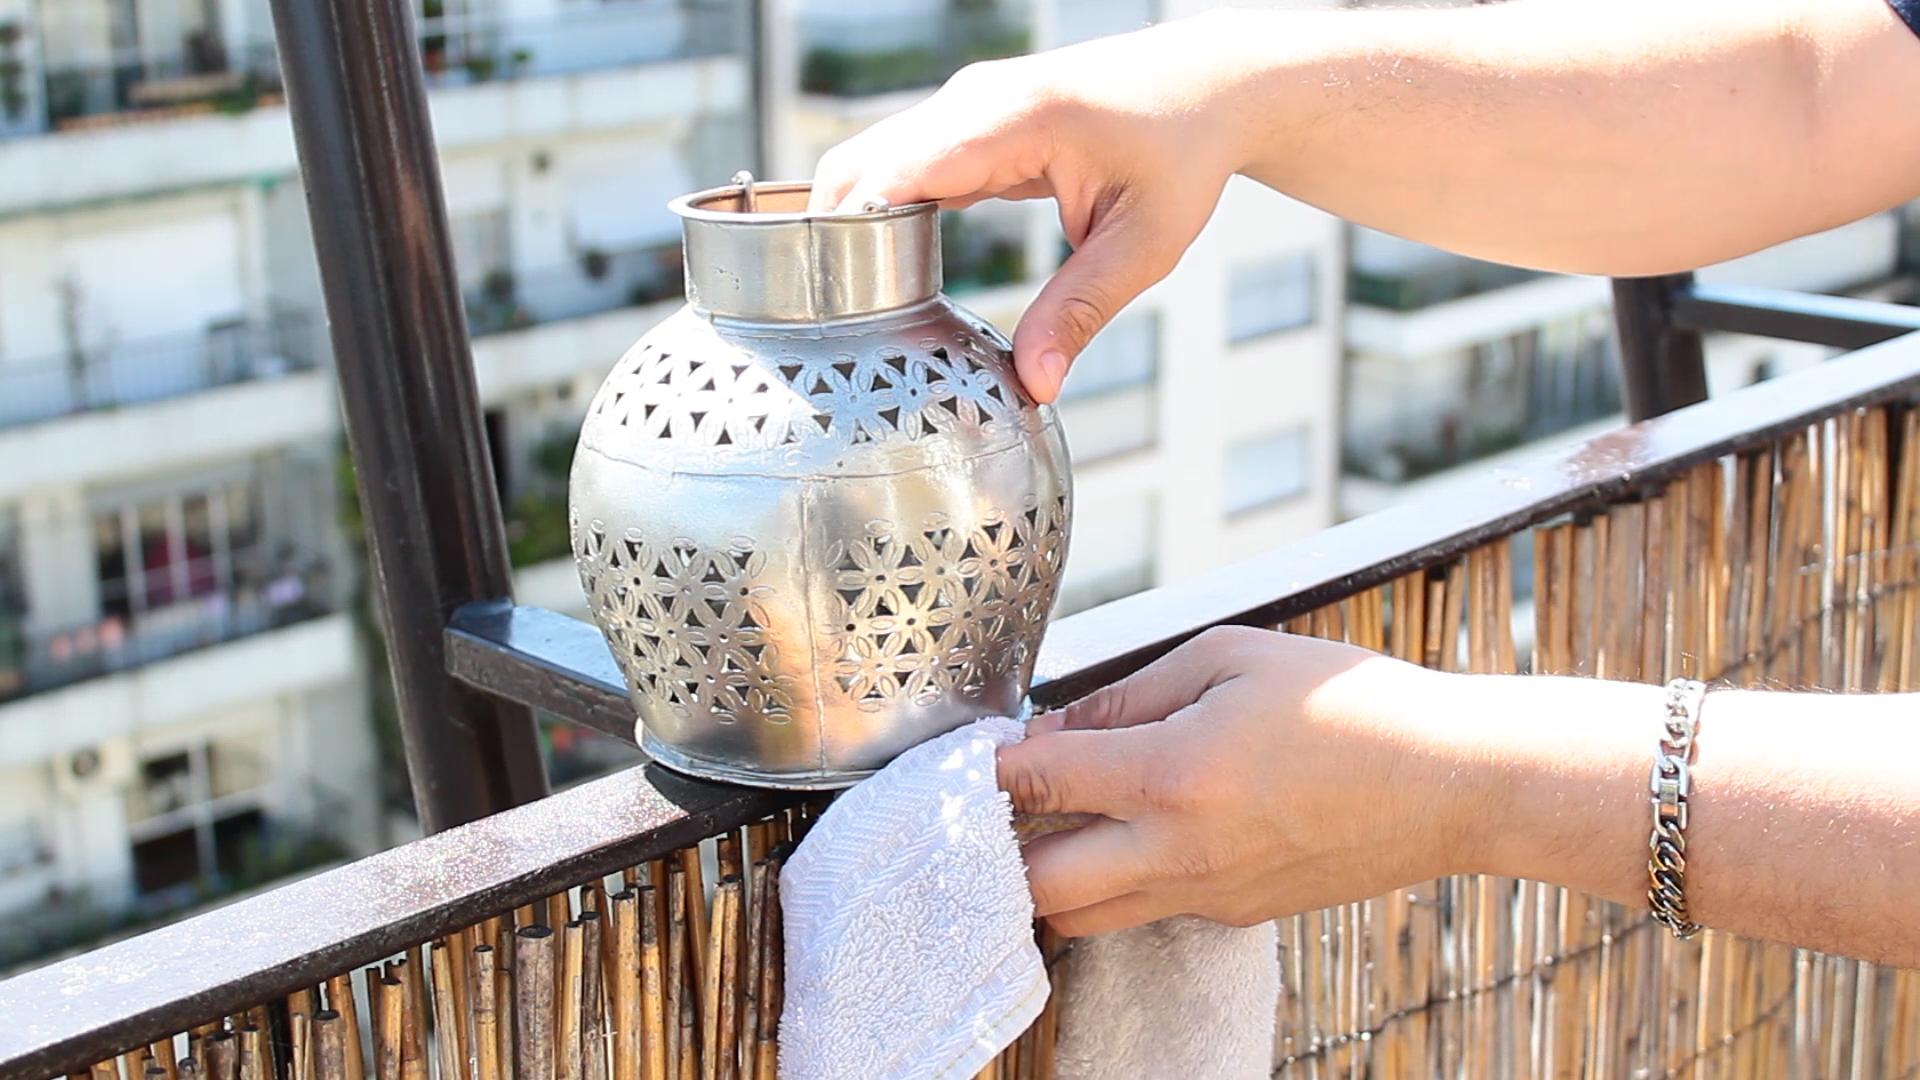 Pulire Ottone In Modo Naturale come pulire e lucidare gli oggetti in metallo - nonsolobelle.it